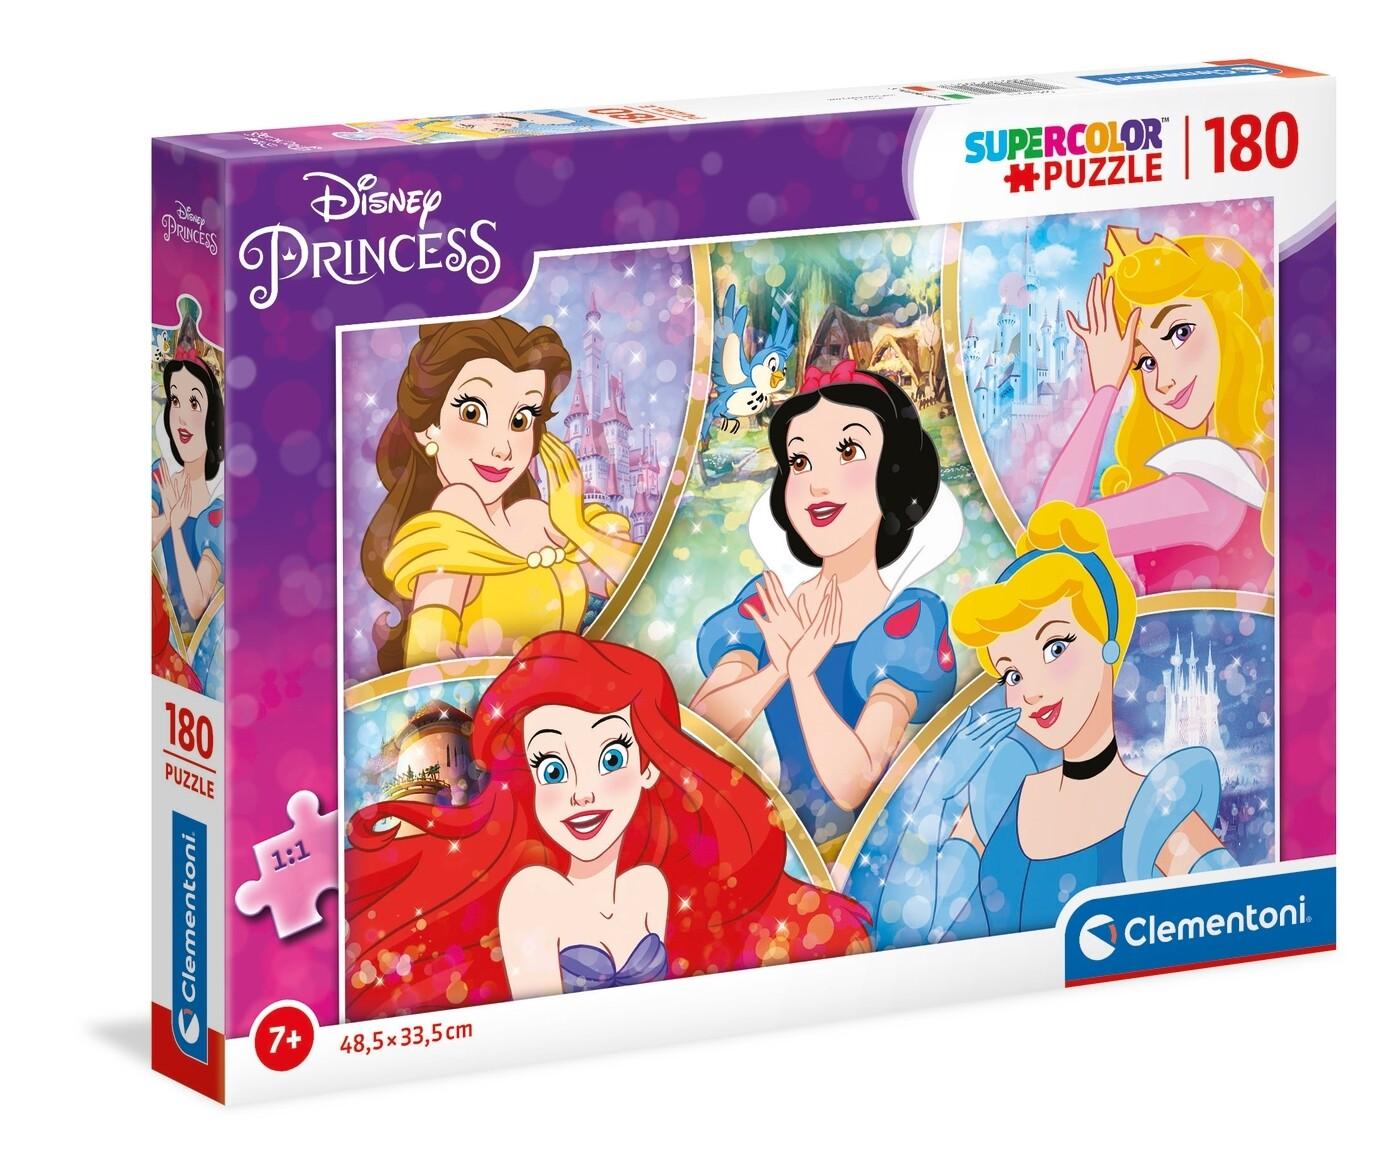 PUZZLE Super 180 pcs Princesas Disney - CLEMENTONI